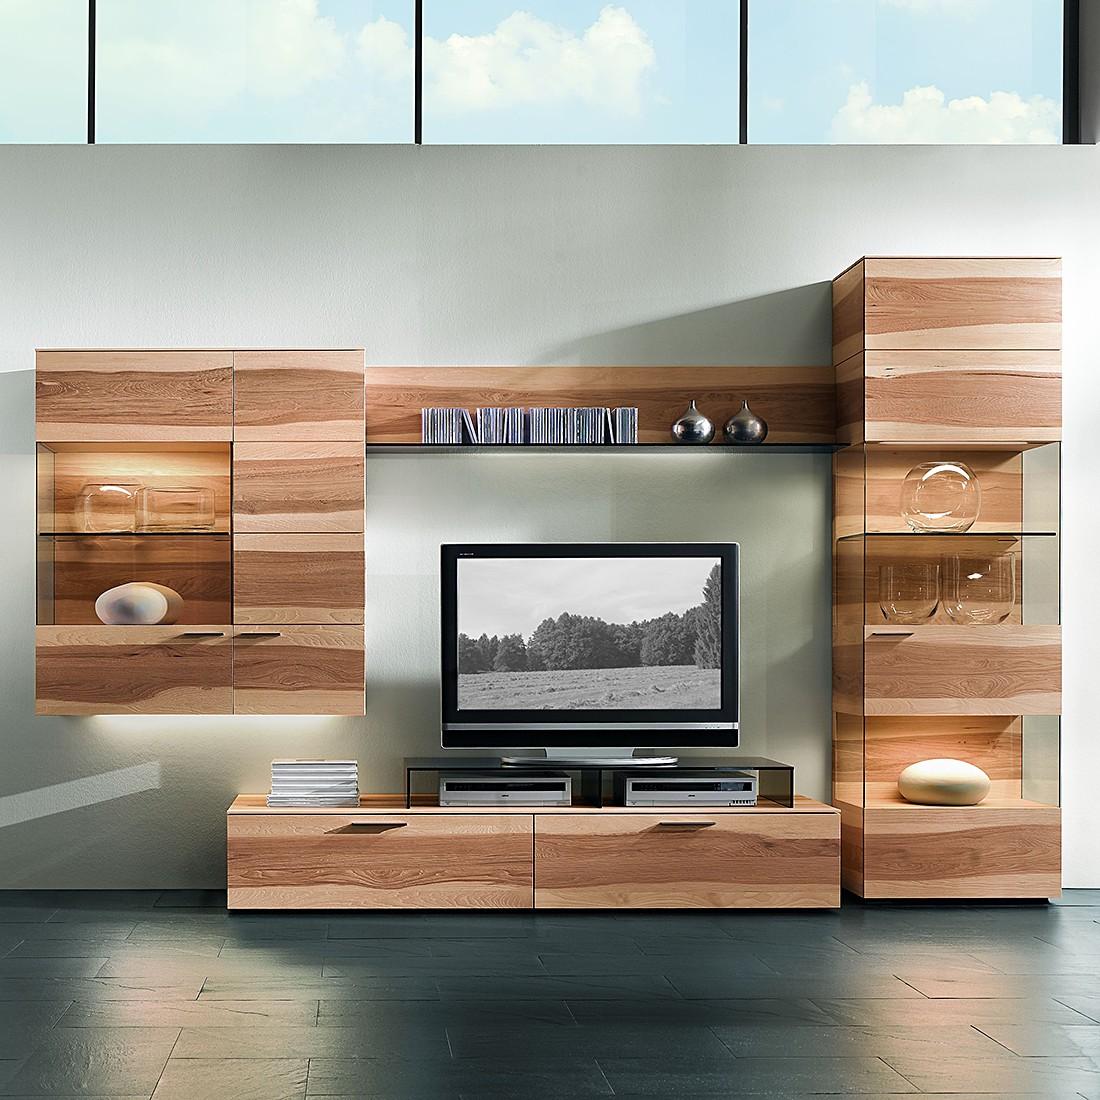 wohnwand pecano iv 4 teilig pecan nuss massiv ohne tv aufsatz beleuchtung hartmann kaufen. Black Bedroom Furniture Sets. Home Design Ideas